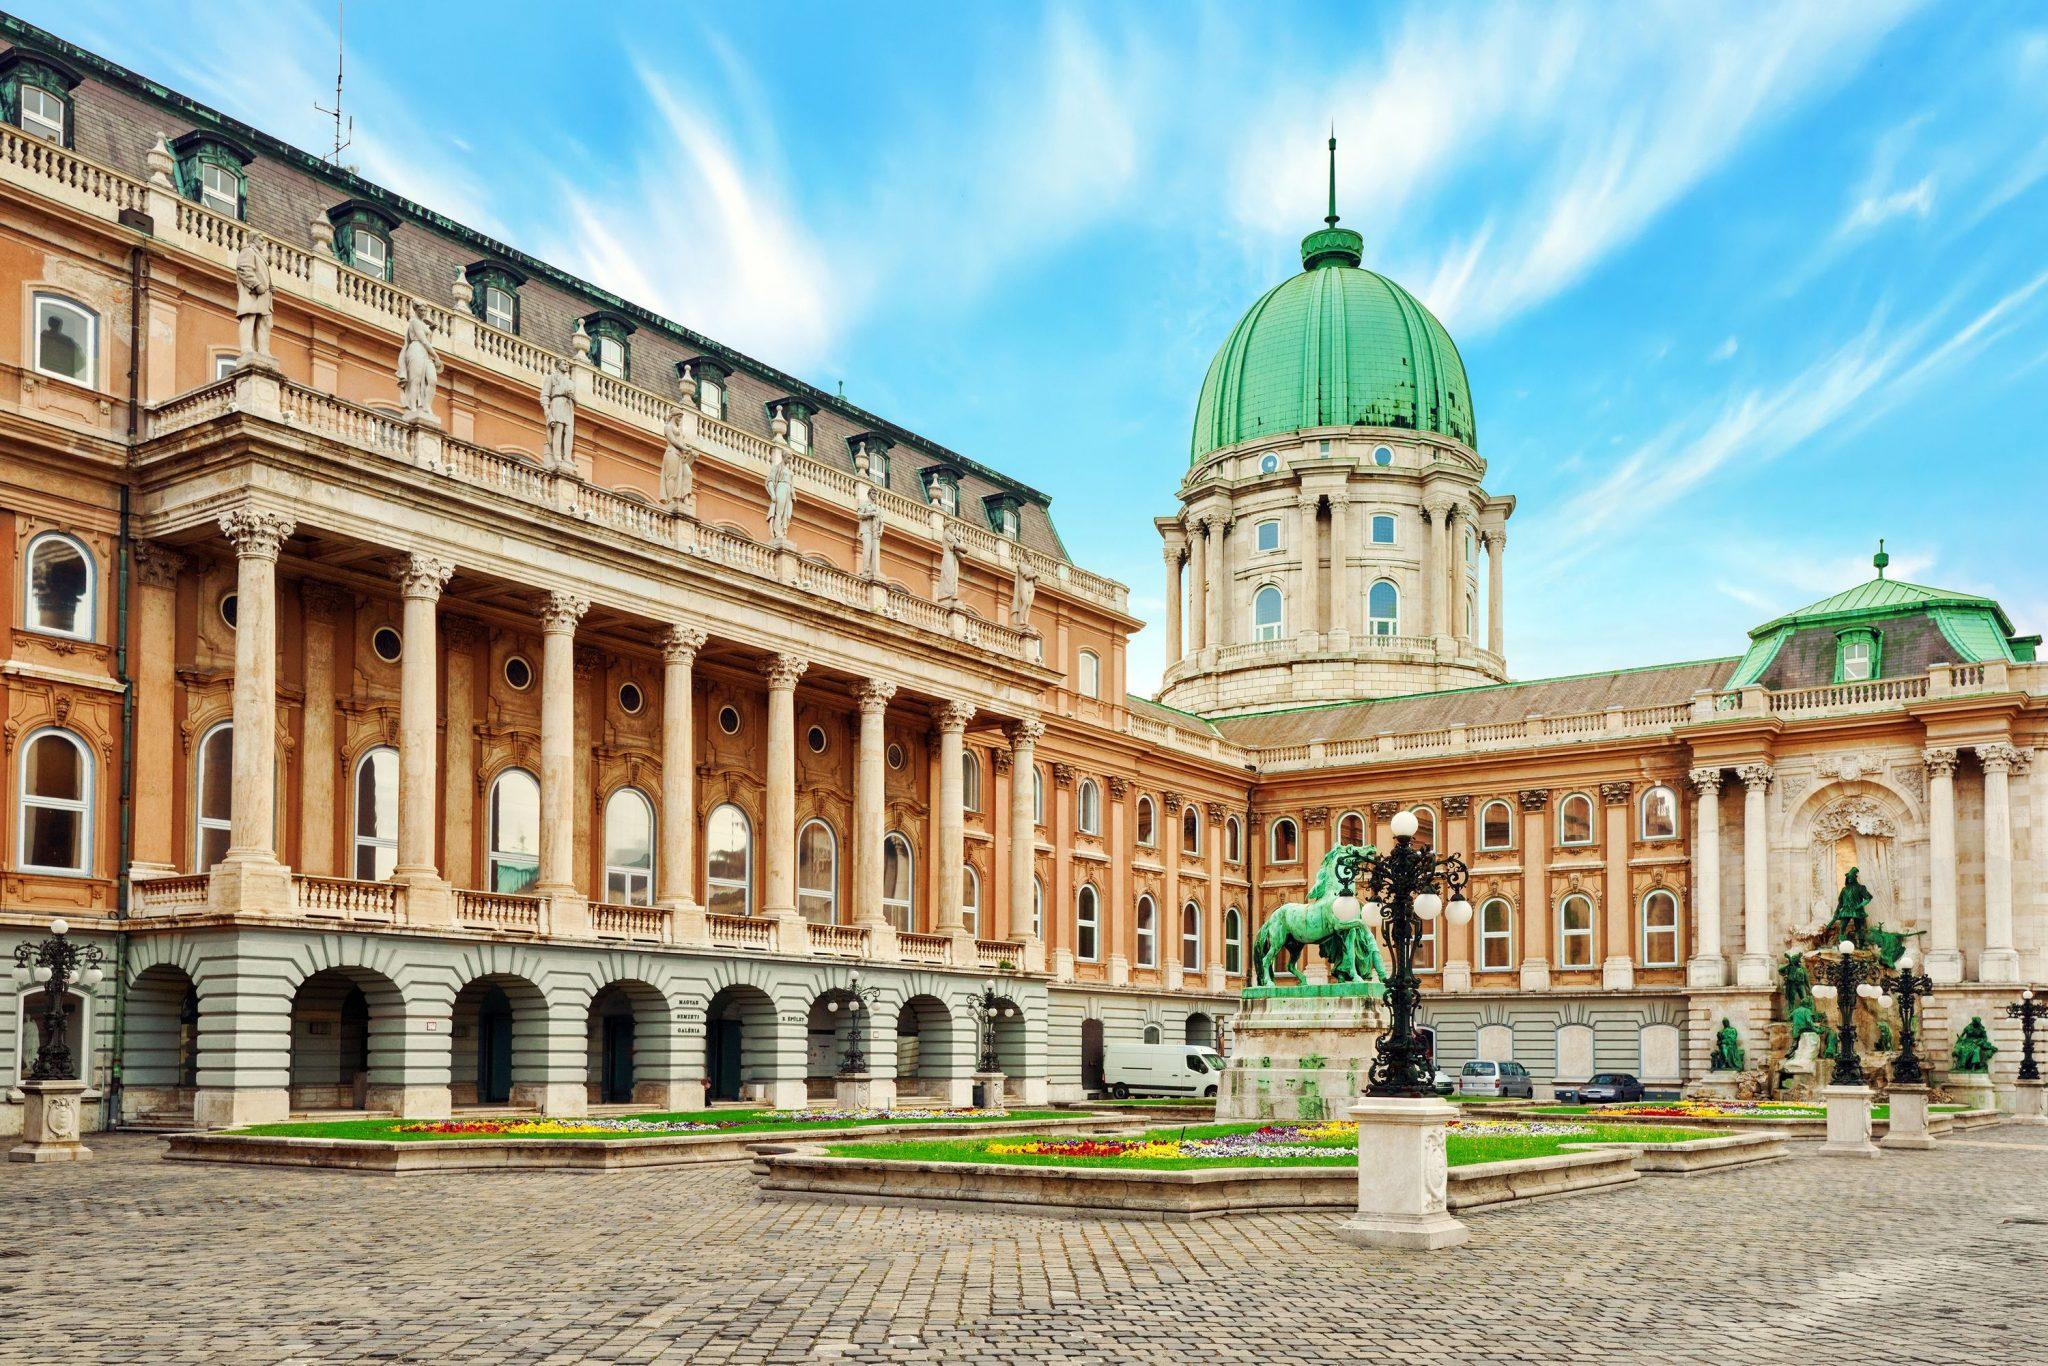 Βασιλικό Ανάκτορο Βούδας, Βουδαπέστη, Ουγγαρία, Ευρώπη